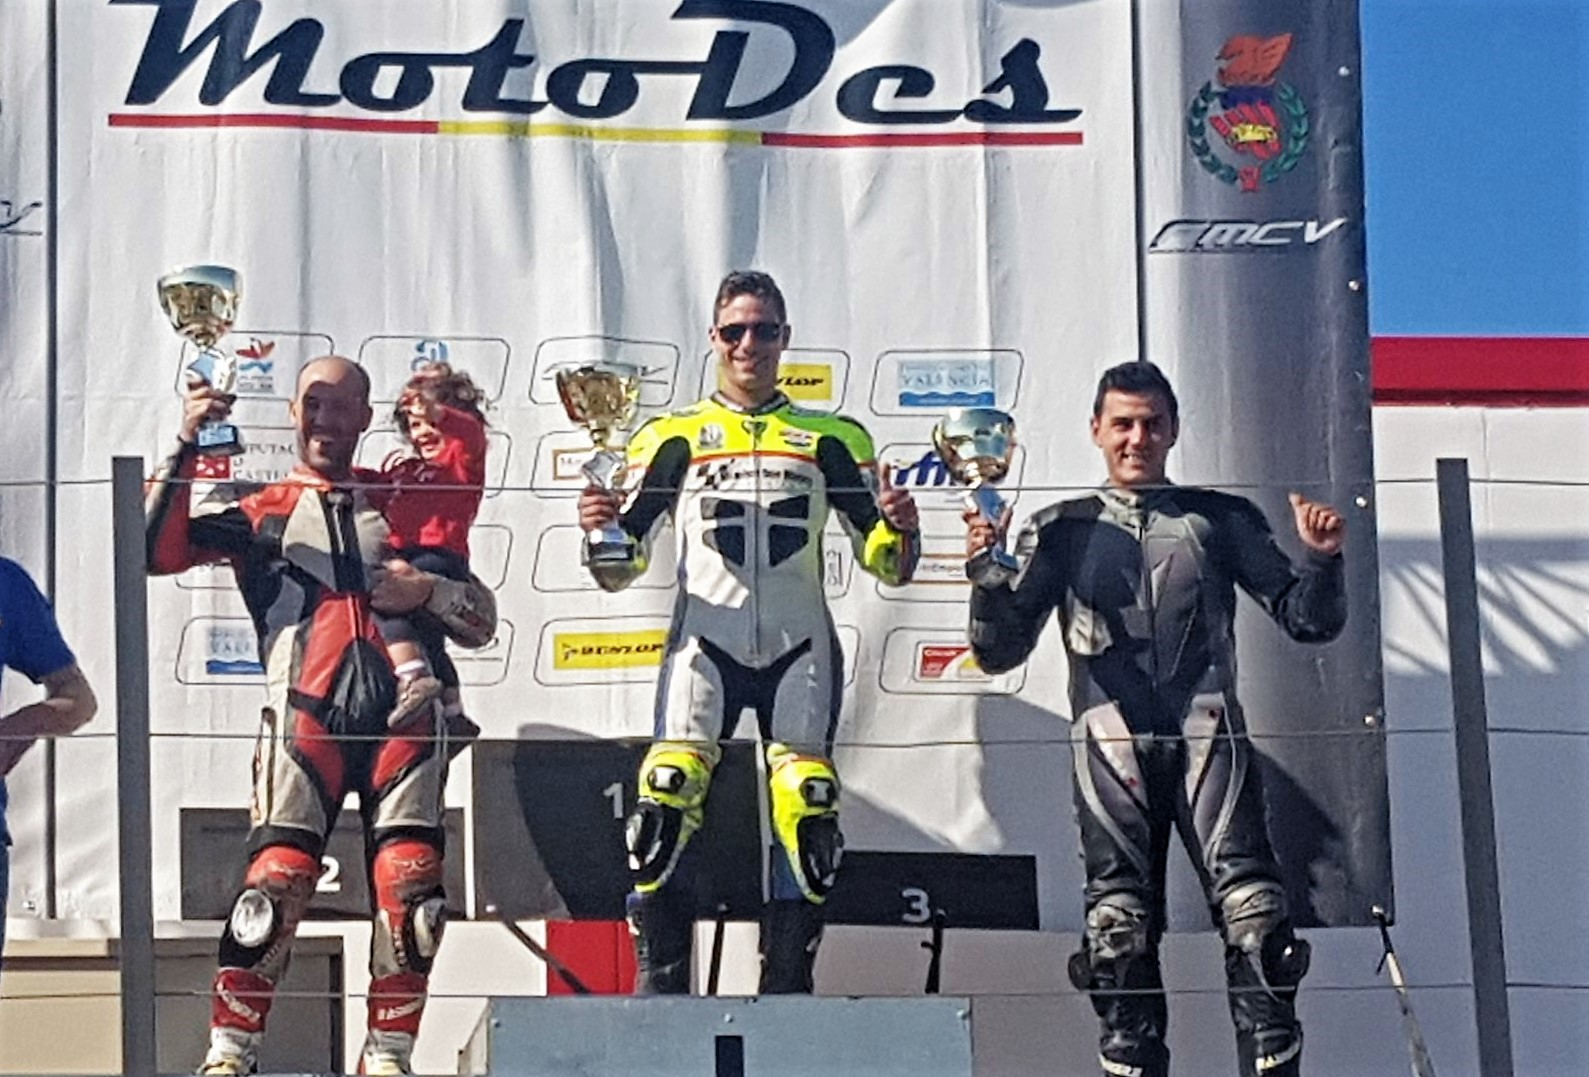 Jorge Berenguer primero en la tercera carrera de la temporada en Chiva